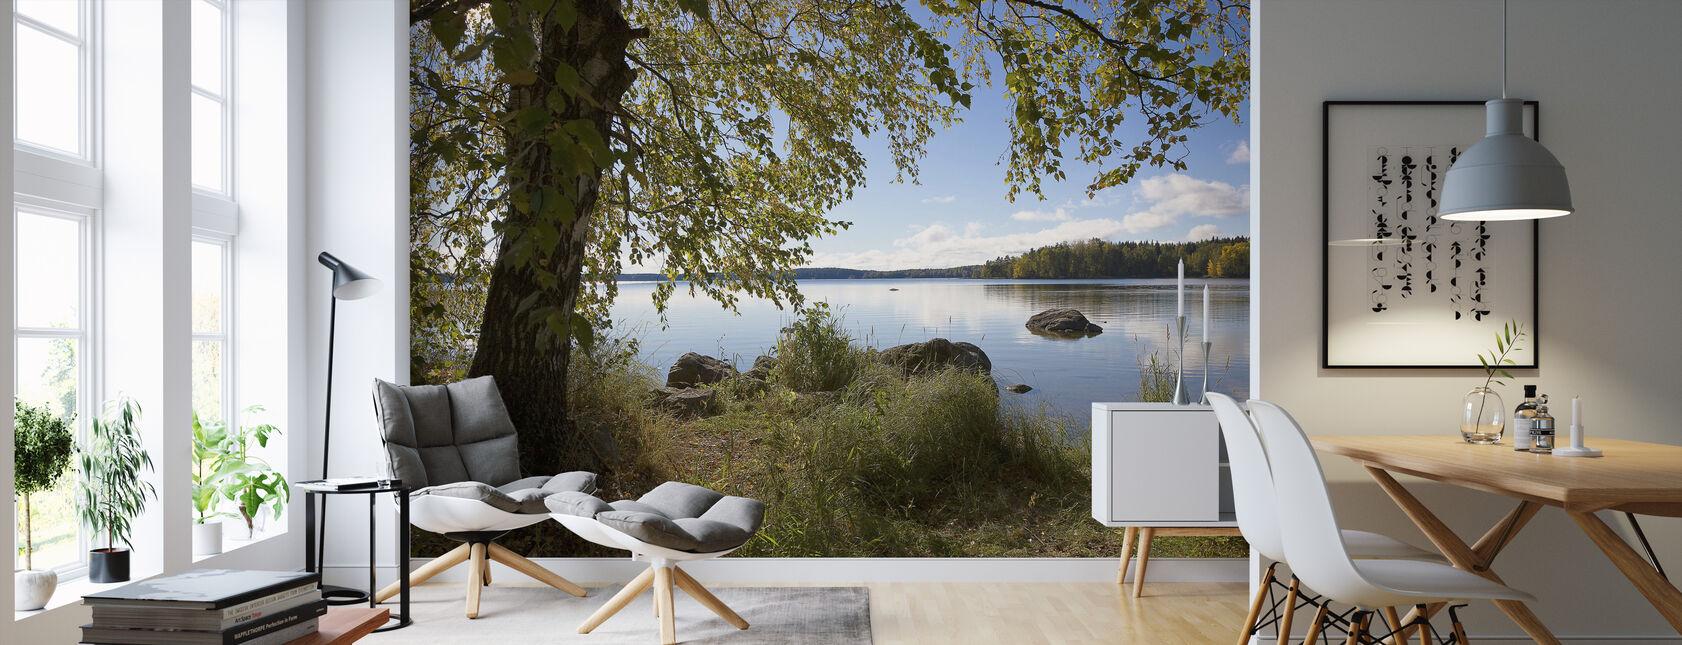 Koivu järven rannalla - Tapetti - Olohuone